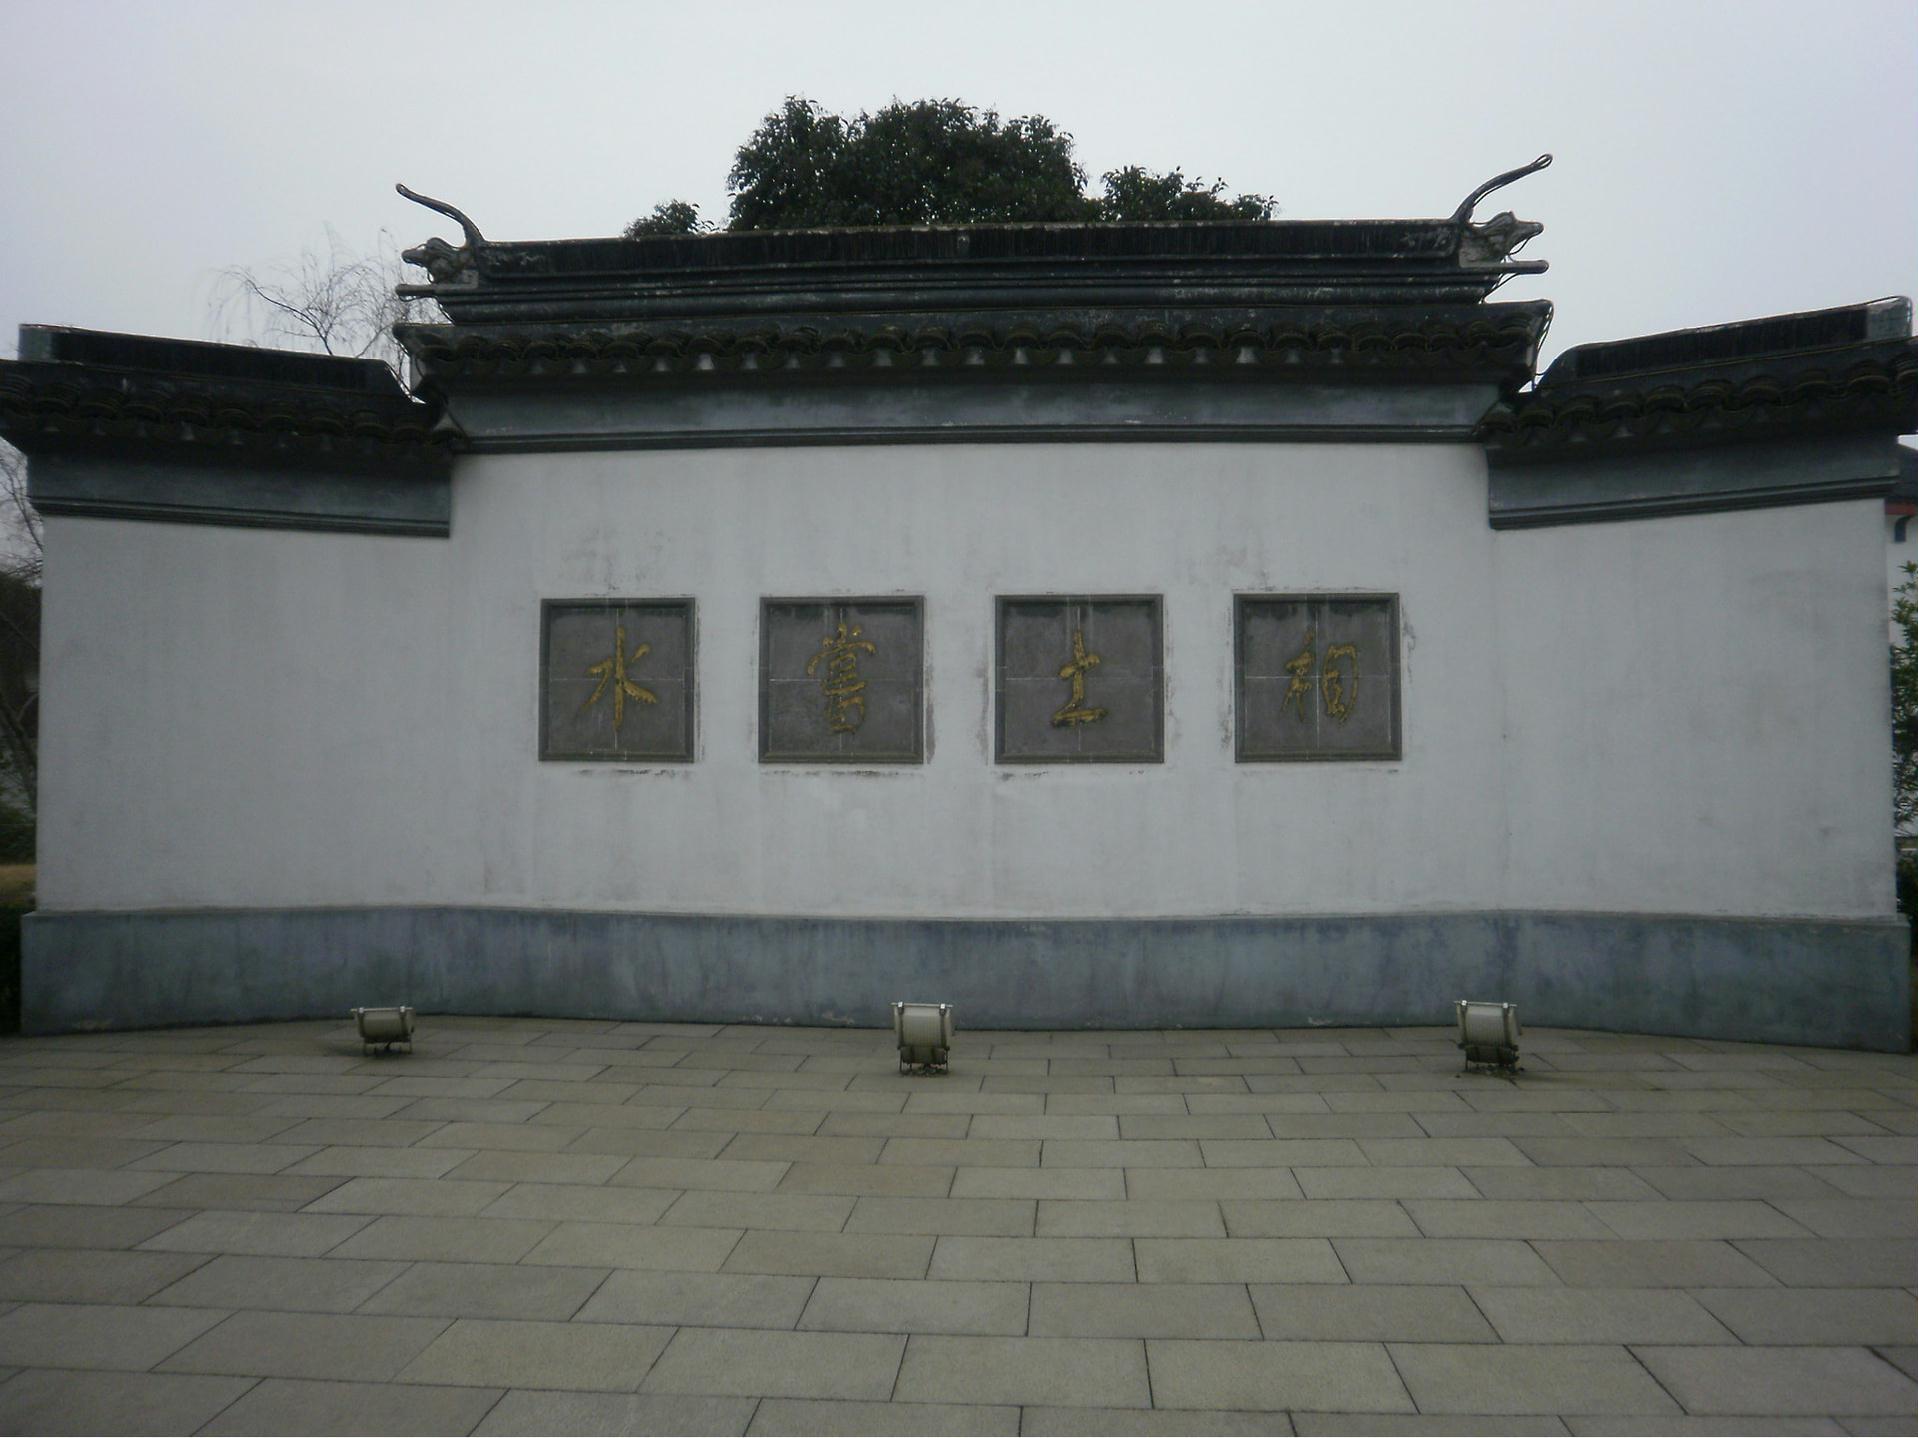 苏州-虎丘